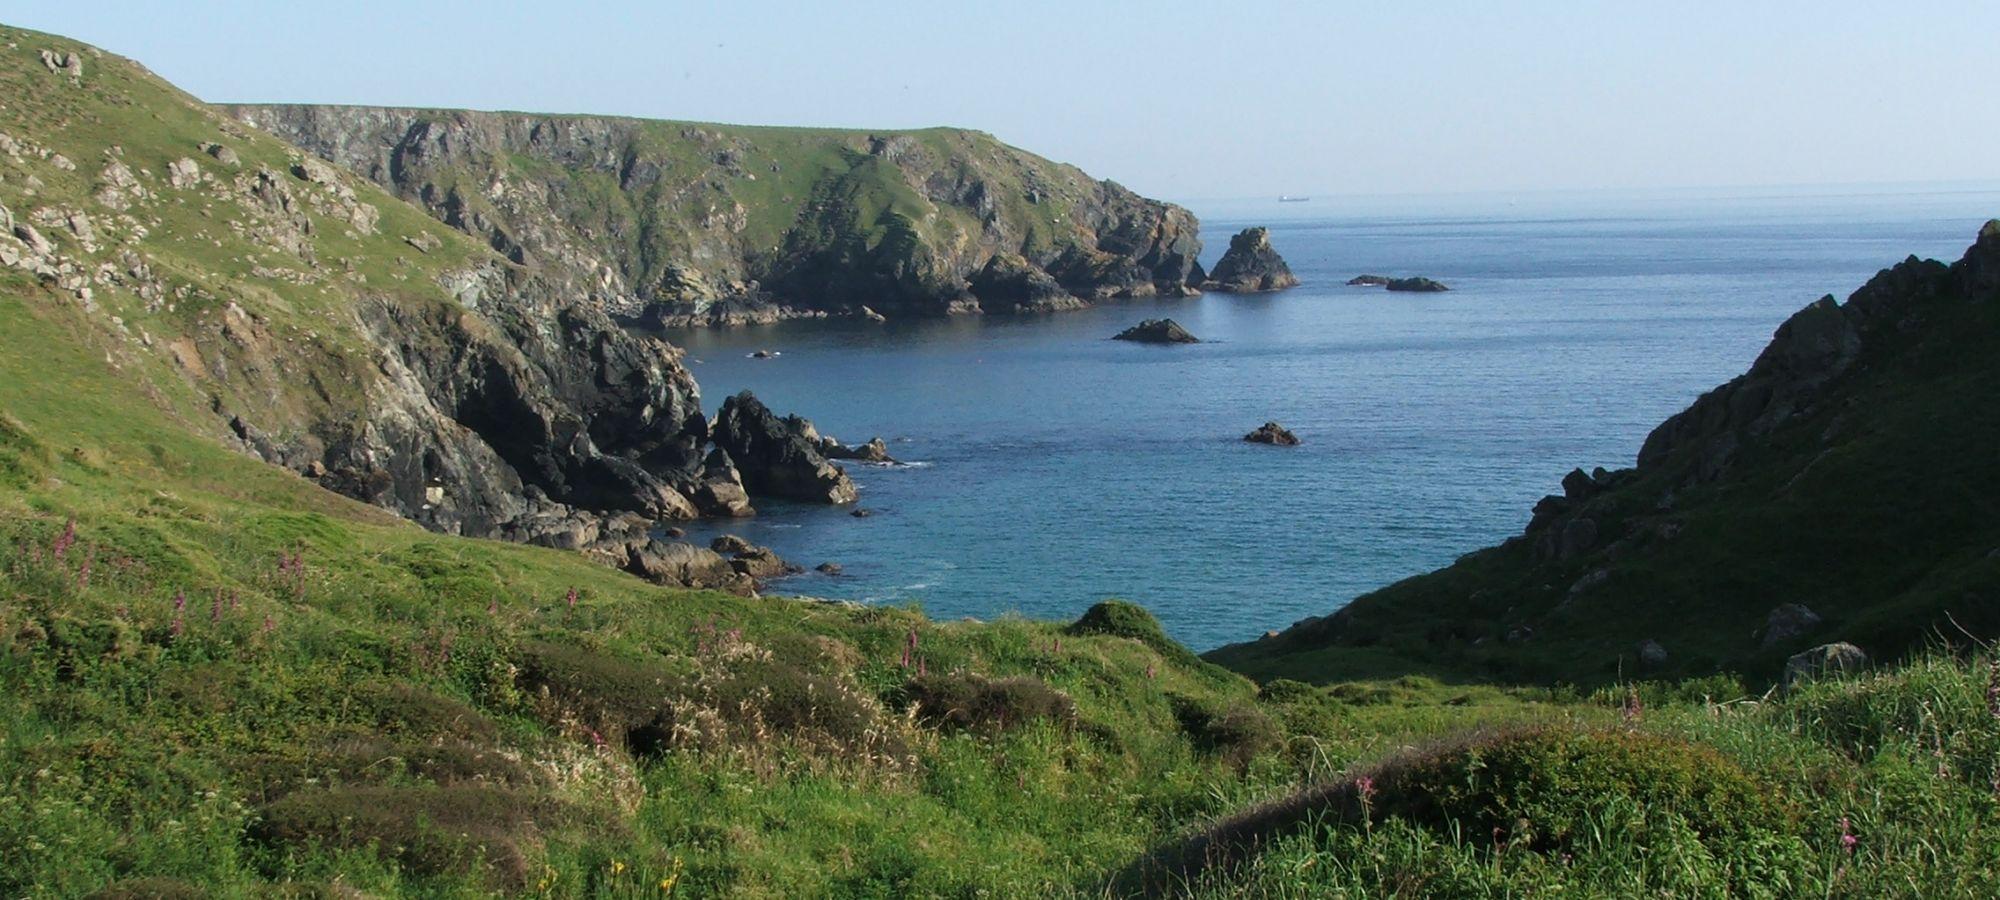 Lizard Peninsula coast